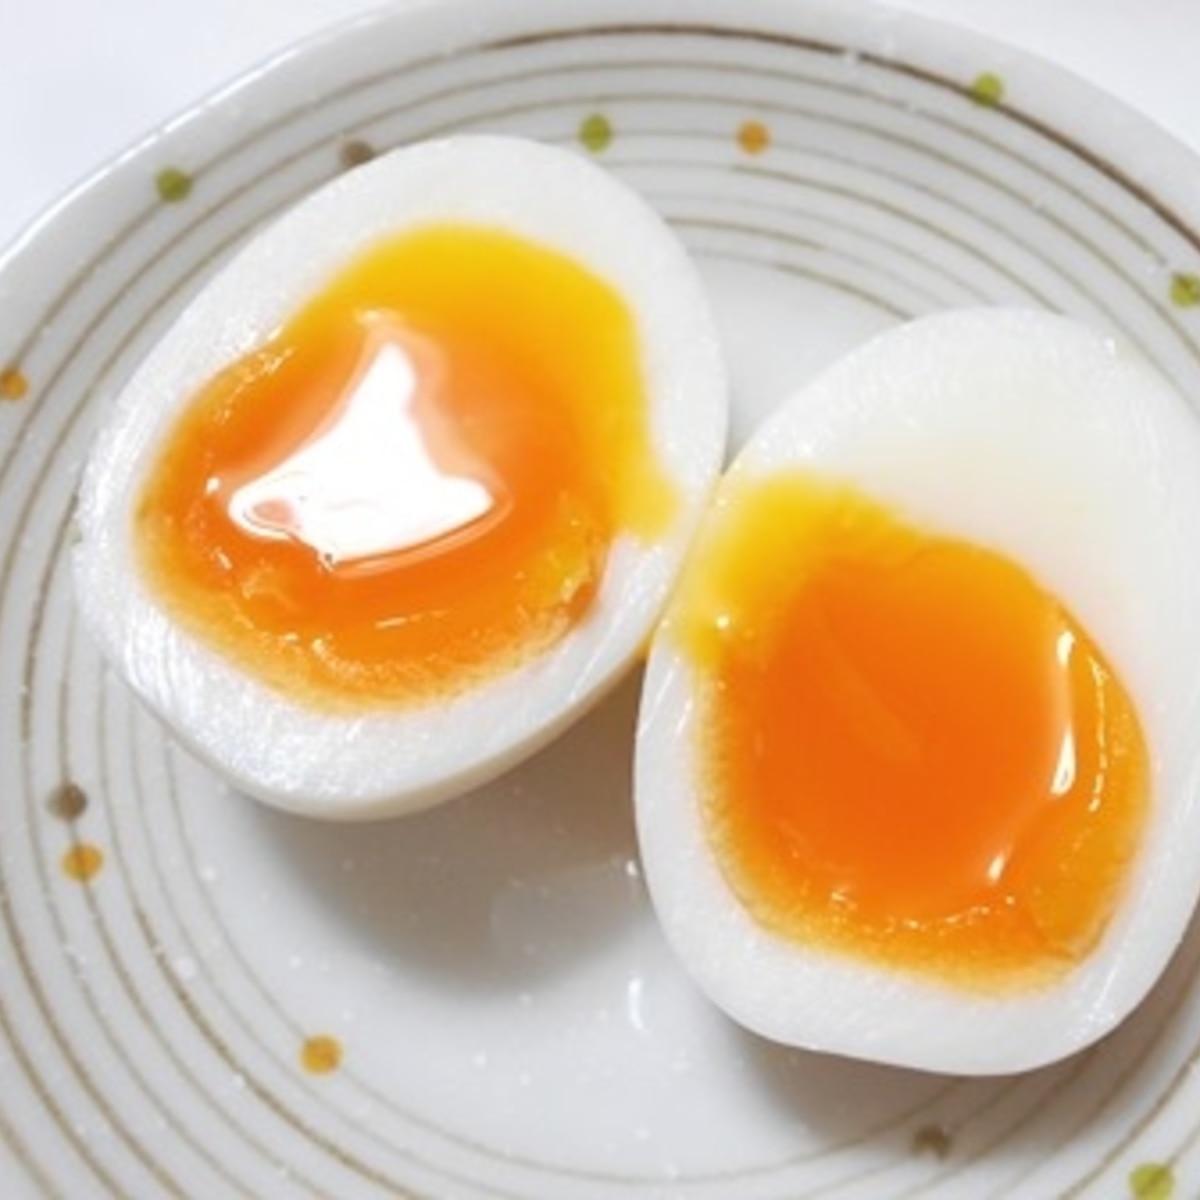 ゆで 卵 簡単 ゆで卵を時短で! おすすめの作り方・簡単レシピ